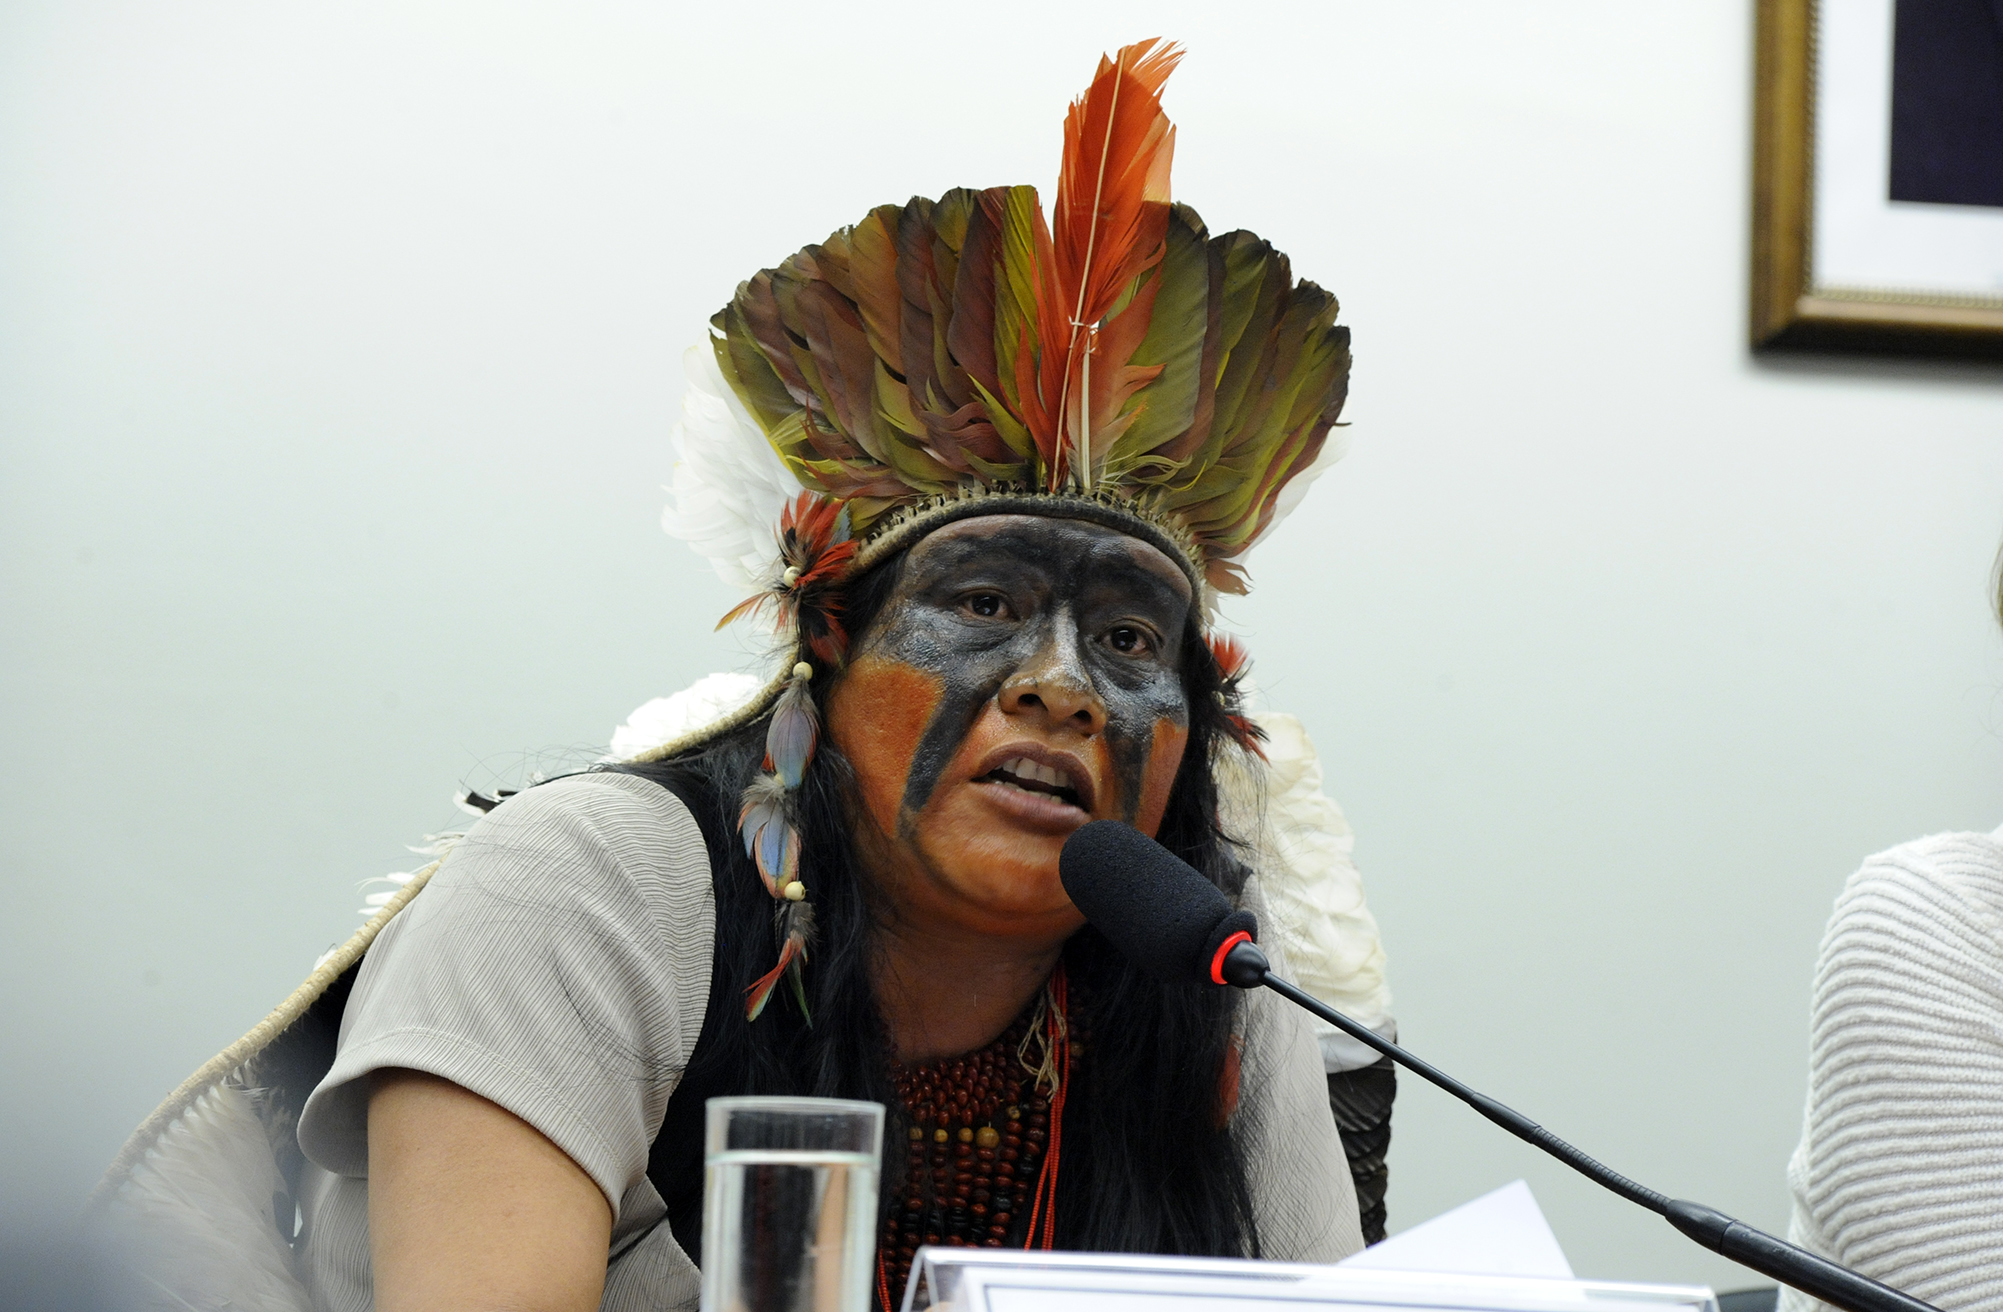 Audiência pública sobre as medidas para a resolução dos conflitos entre indígenas e proprietários de terras decorrentes dos processos de demarcação e homologação de terras indígenas no Mato Grosso do Sul. Membro de Liderança Indígena Guarani Kaiowá, Valdelice Veron